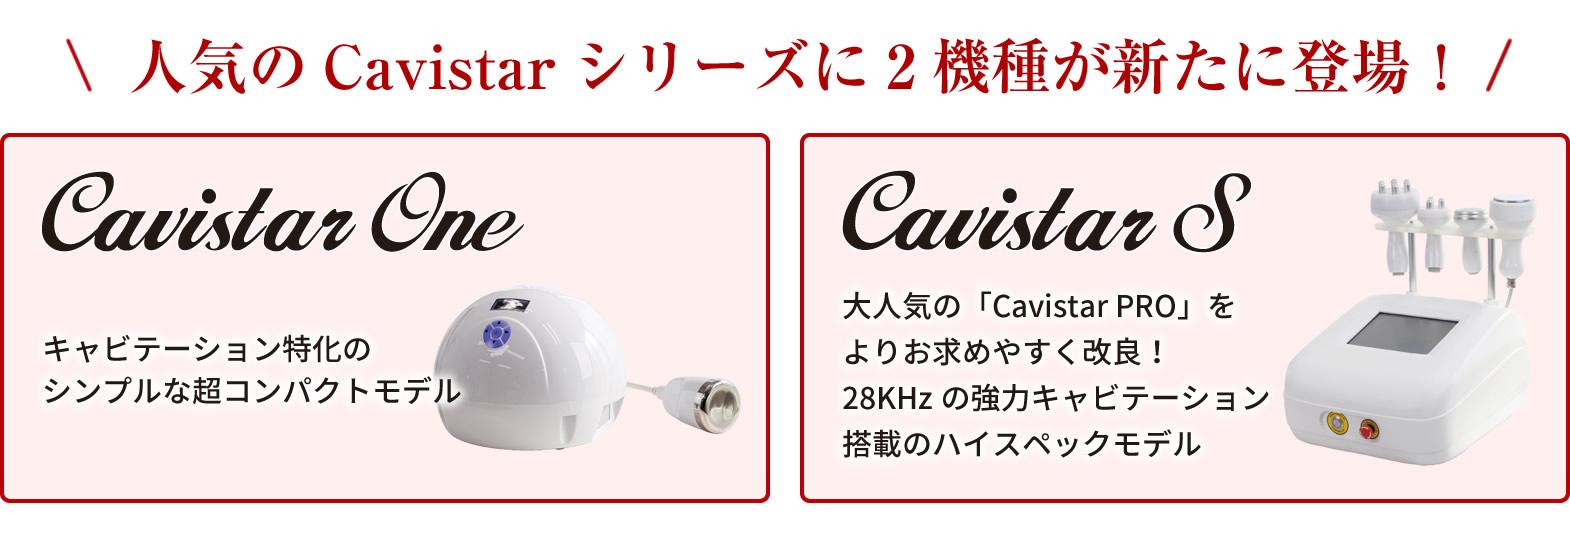 人気のCavistarシリーズに2機種が新たに登場!